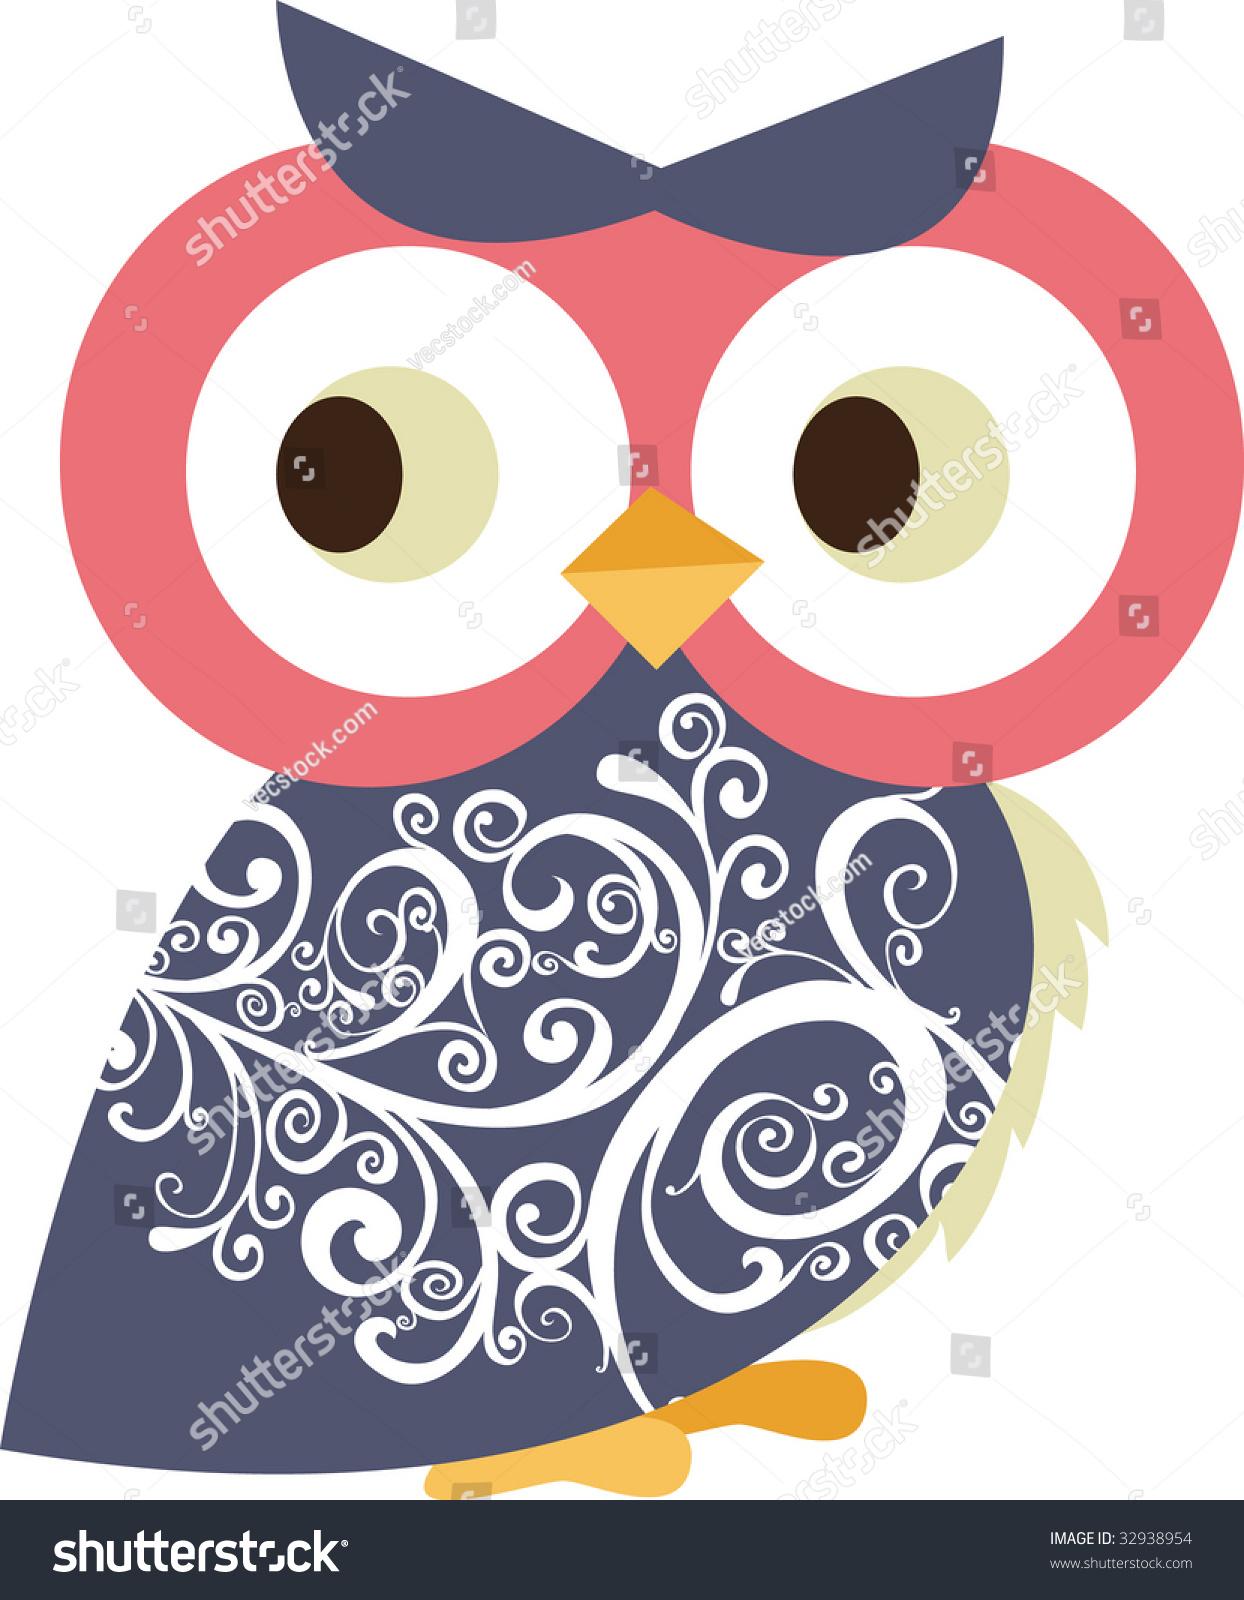 cute little owl character design stock vector 32938954 - shutterstock